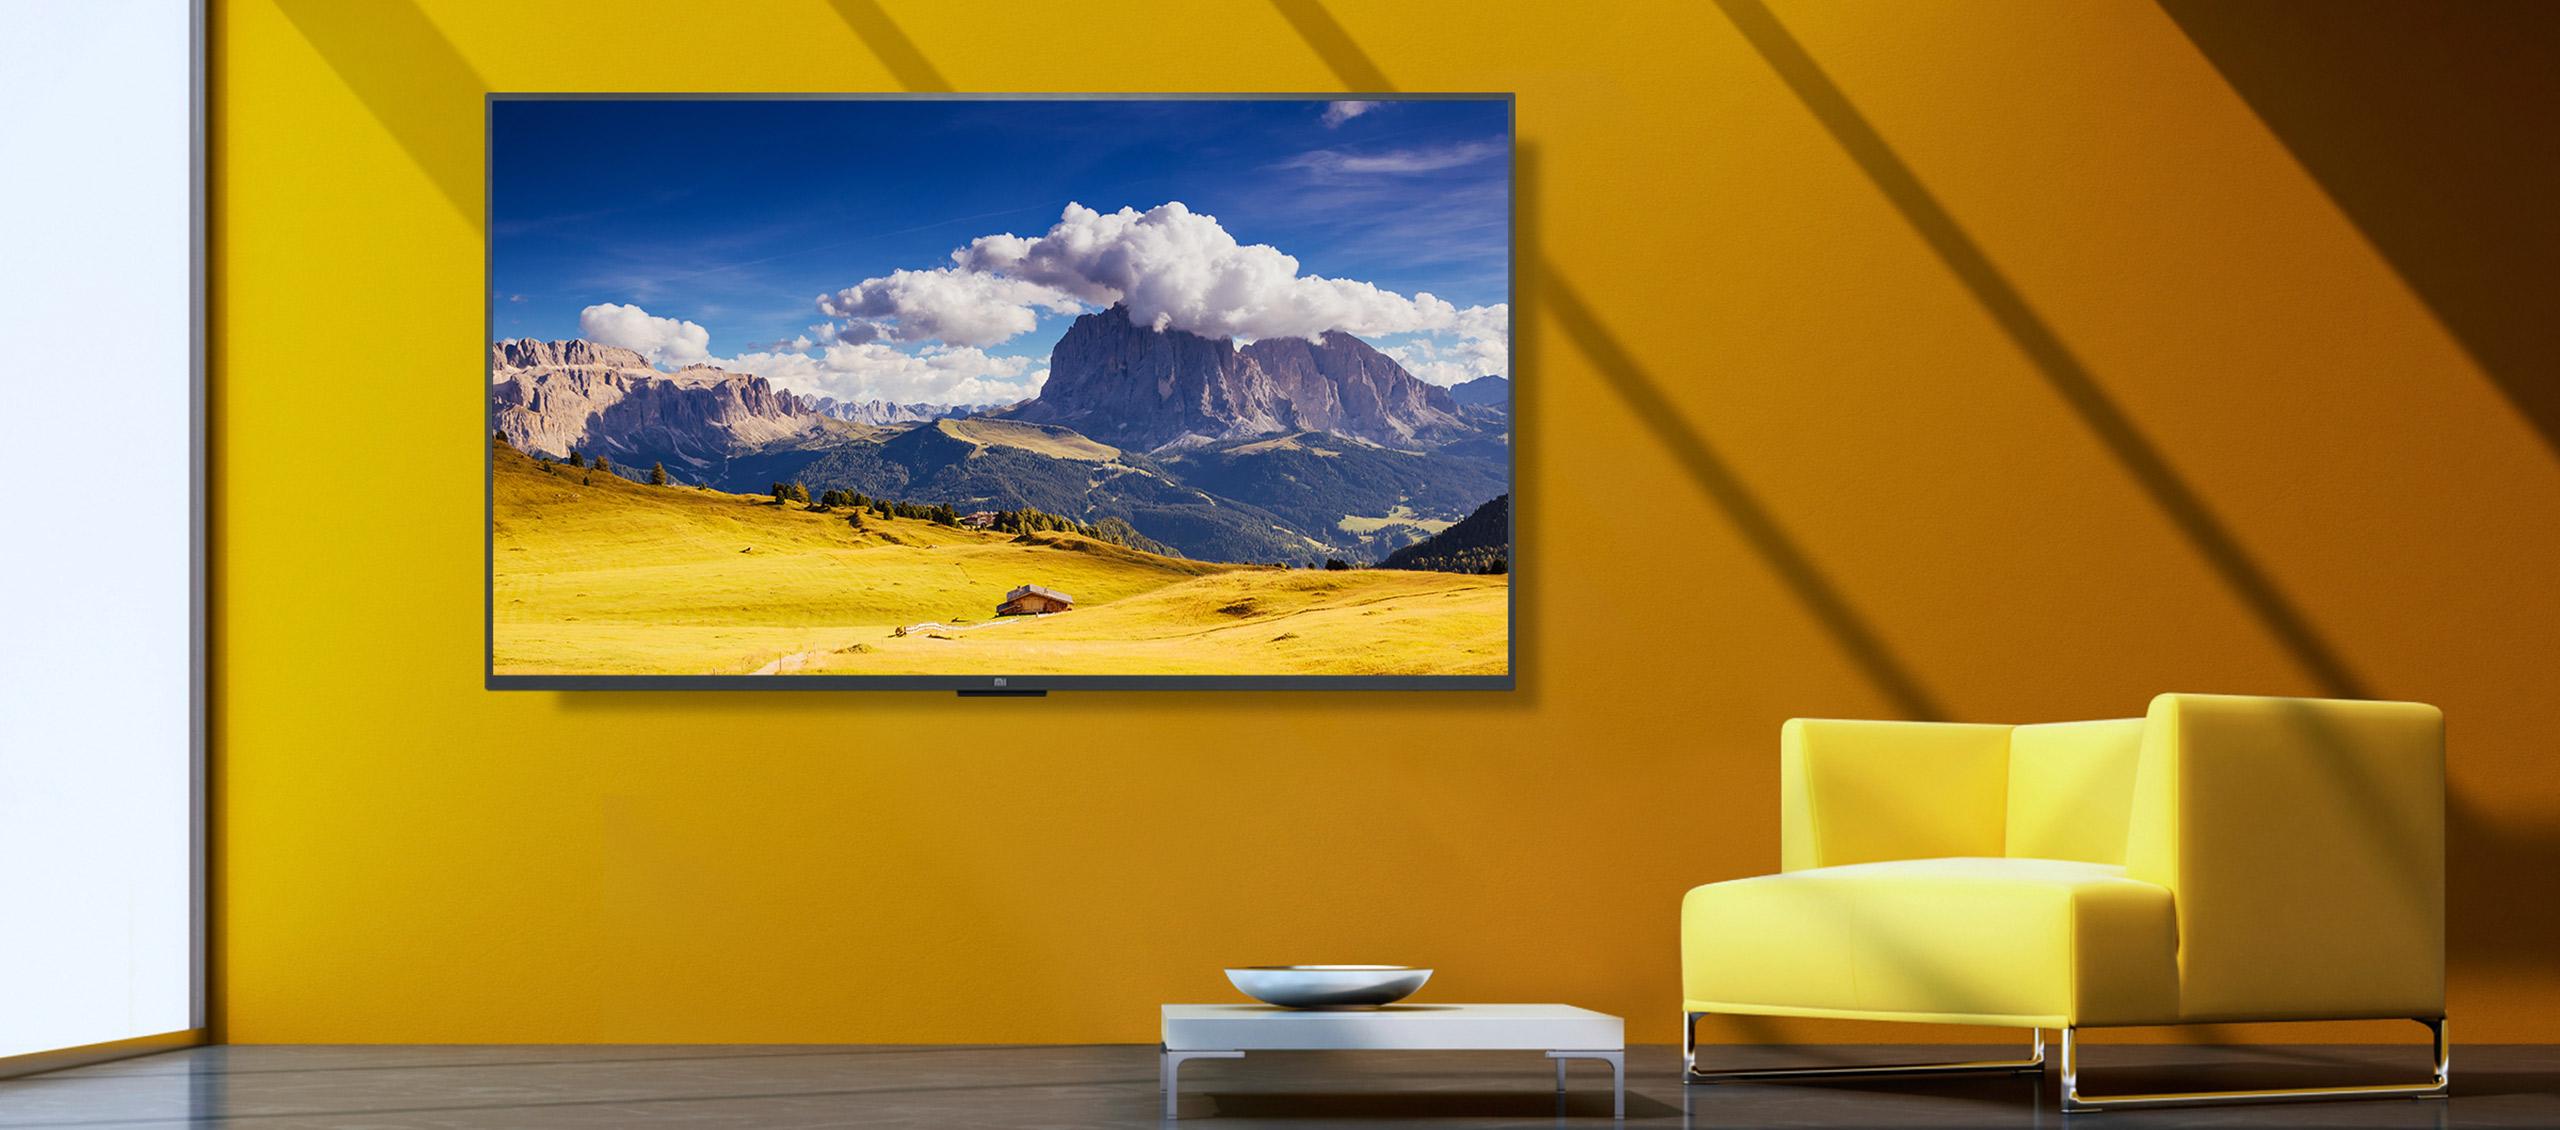 El nuevo Xiaomi Mi TV 4S de 65 pulgadas y 4K llega a España por solo 549 euros. Noticias Xiaomi Adictos